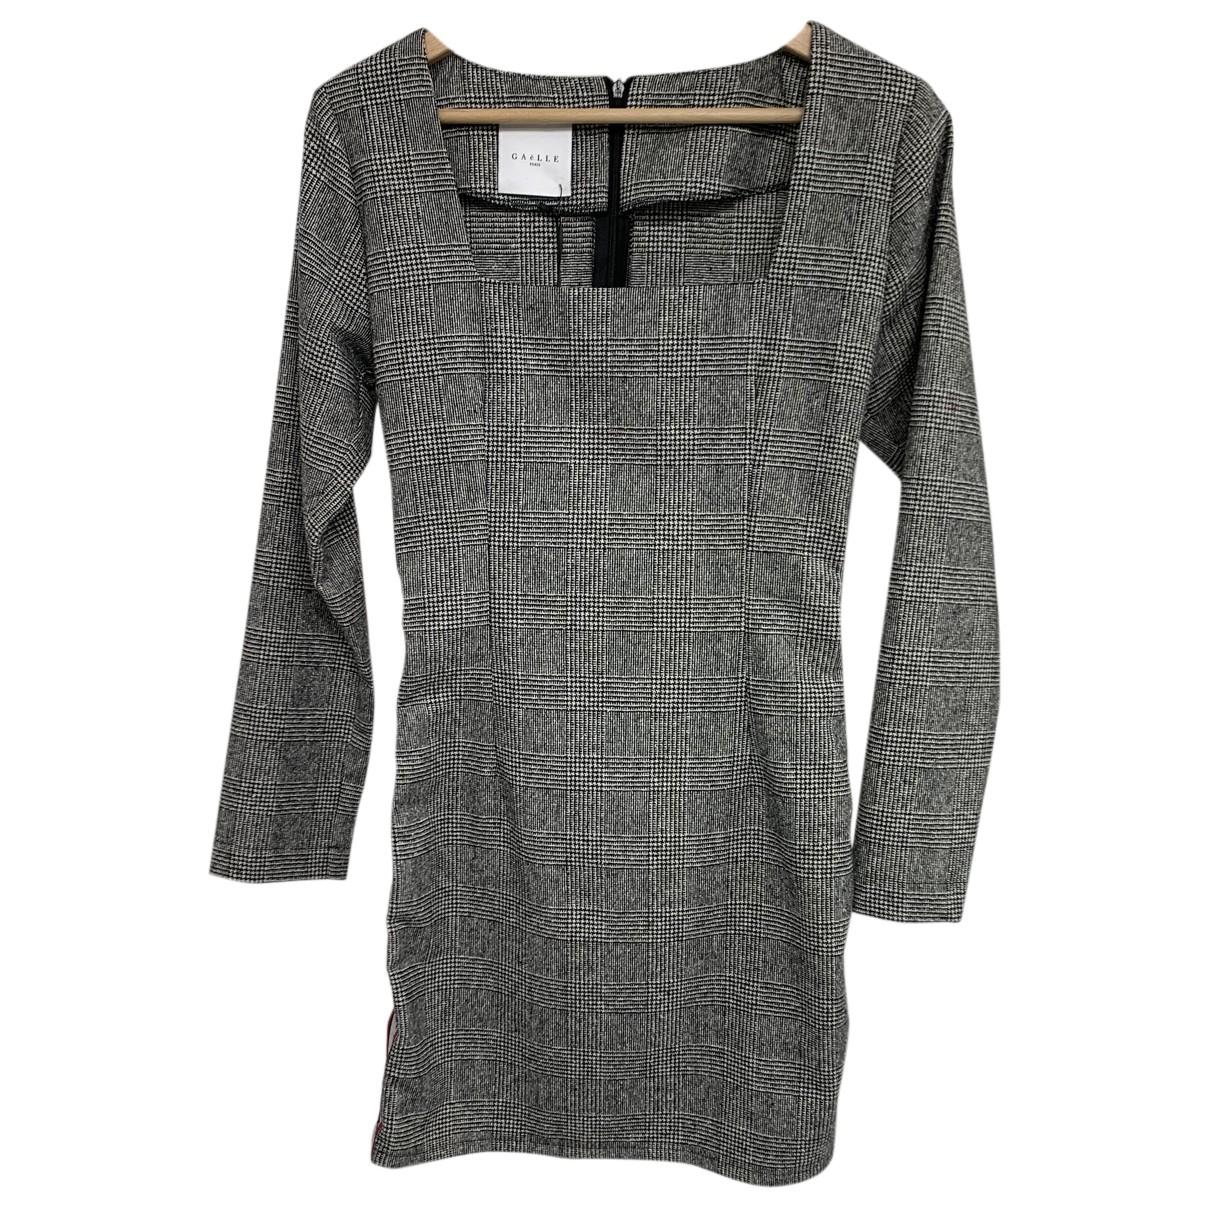 Gaelle Paris N Grey Wool dress for Women 40 IT